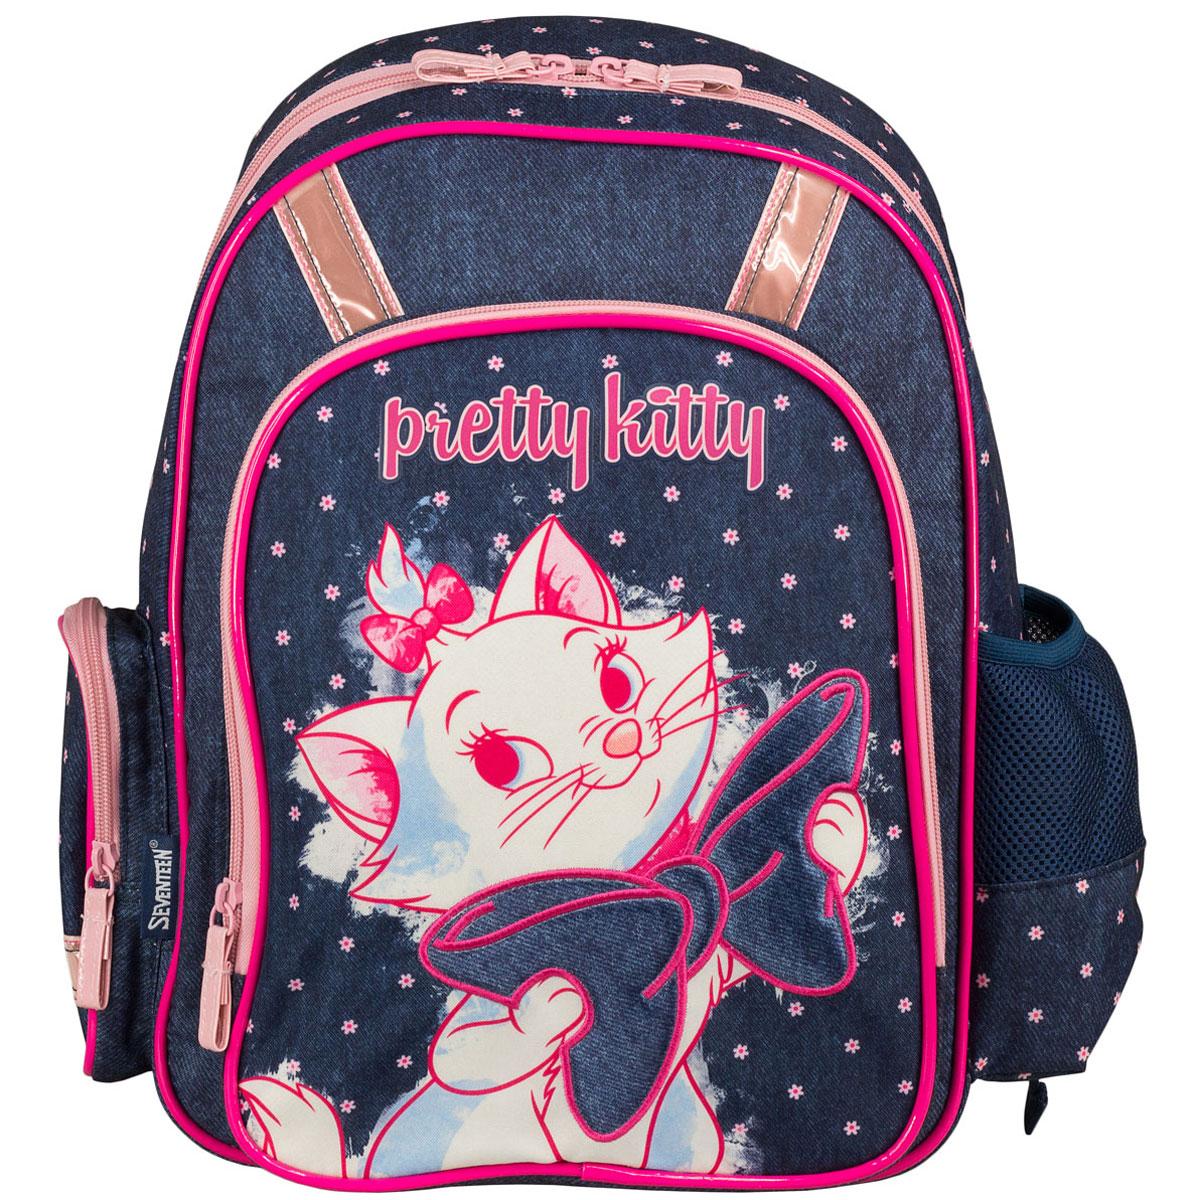 Рюкзак школьный Marie Cat, цвет: темно-синий, розовый. MCCB-UT1-836MCCB-UT1-836Стильный школьный рюкзак Marie Cat обязательно понравится вашей школьнице. Выполнен из прочных и высококачественных материалов, дополнен изображением милой кошечки с бантиком. Содержит одно вместительное отделение, закрывающееся на застежку-молнию с двумя бегунками. Внутри отделения находятся две перегородки для тетрадей или учебников, а также открытый карман-сетка. Дно рюкзака можно сделать жестким, разложив специальную панель с пластиковой вставкой, что повышает сохранность содержимого рюкзака и способствует правильному распределению нагрузки. Лицевая сторона оснащена накладным карманом на молнии. По бокам расположены два накладных кармана: на застежке-молнии и открытый, стянутый сверху резинкой. Специально разработанная архитектура спинки со стабилизирующими набивными элементами повторяет естественный изгиб позвоночника. Набивные элементы обеспечивают вентиляцию спины ребенка. Плечевые лямки анатомической формы равномерно распределяют нагрузку на плечевую и...